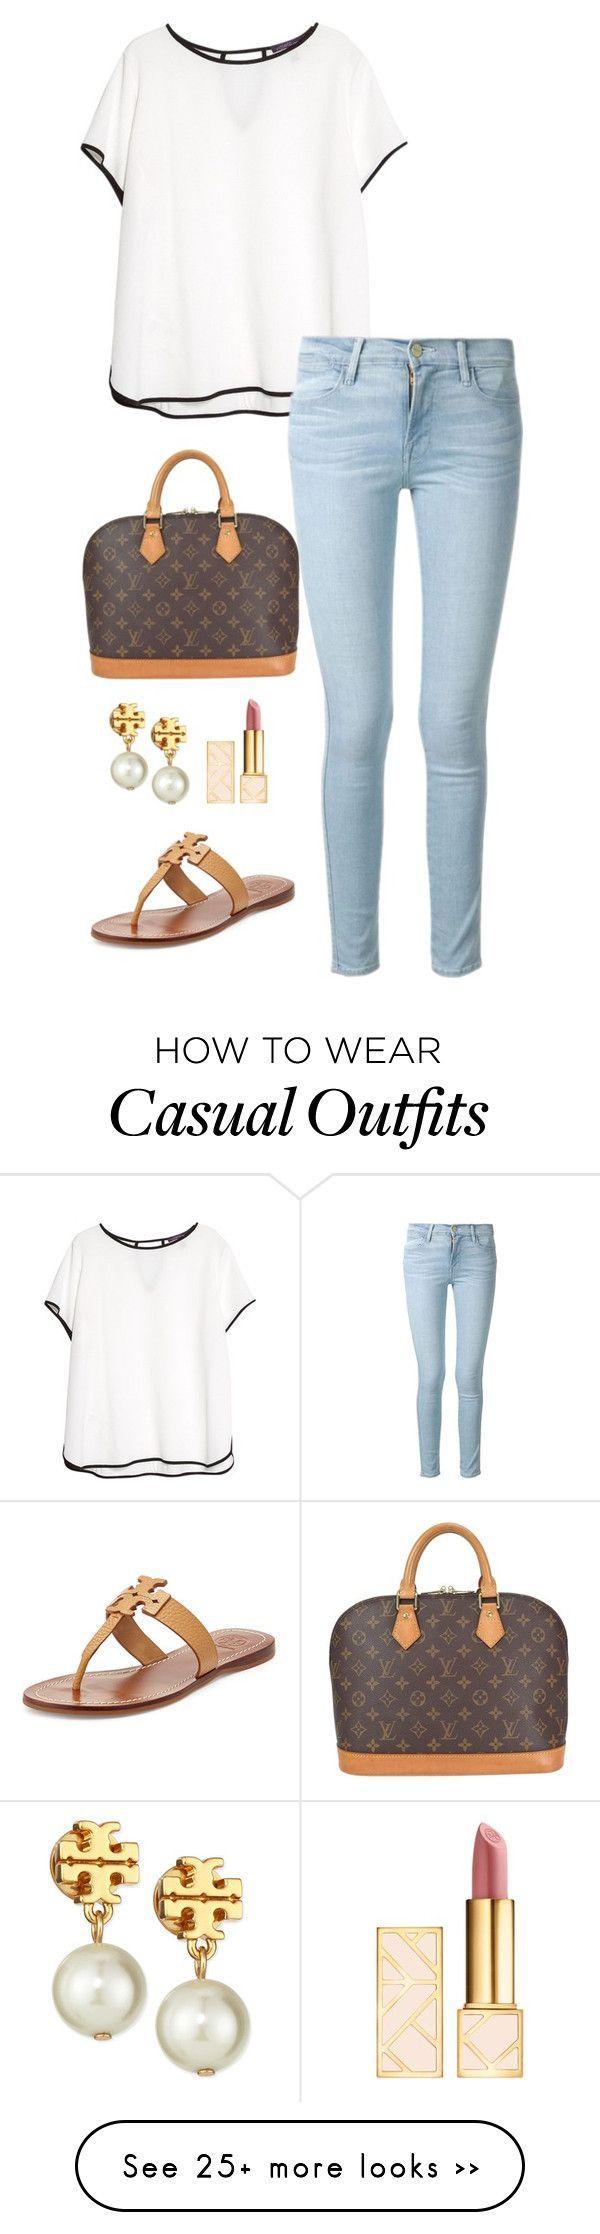 best c u t ec l o t h e s images on pinterest casual wear